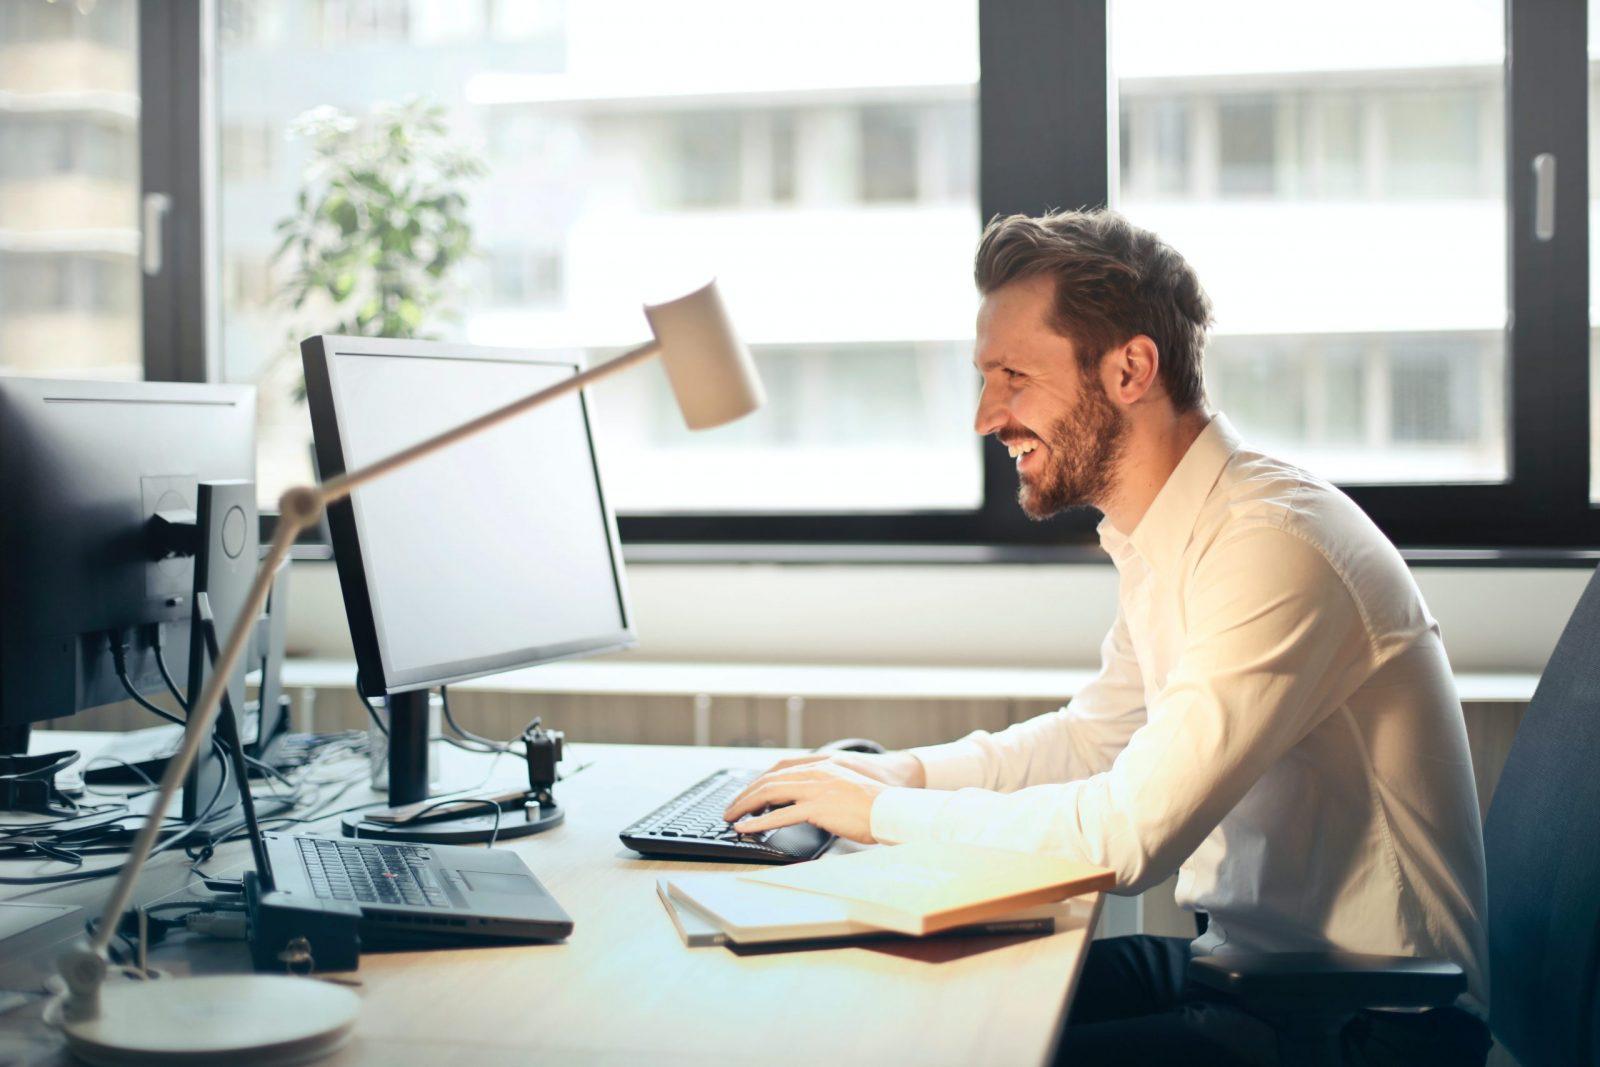 Déconfinement : mode d'emploi pour une reprise d'activité dans les meilleures conditions